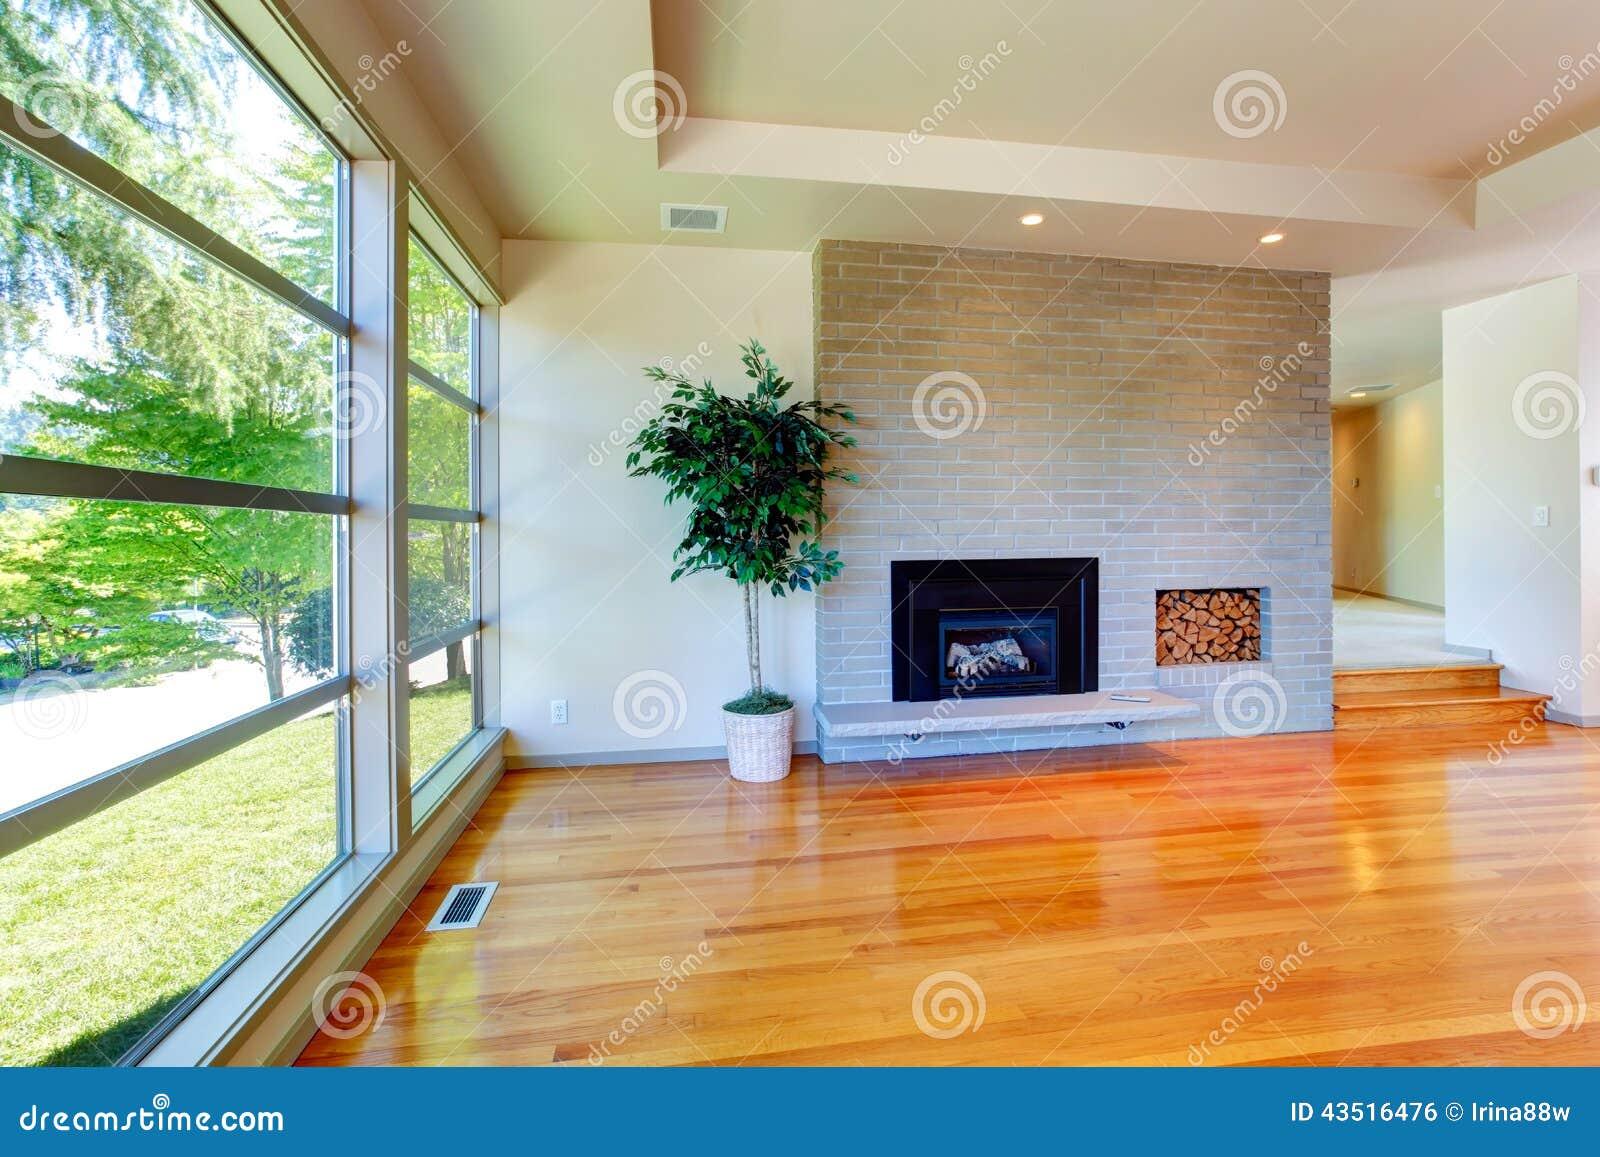 Int Rieur Vide De Salon Dans Une Maison De Nouvelle Construction  # Mur De Brique Avec Foyer